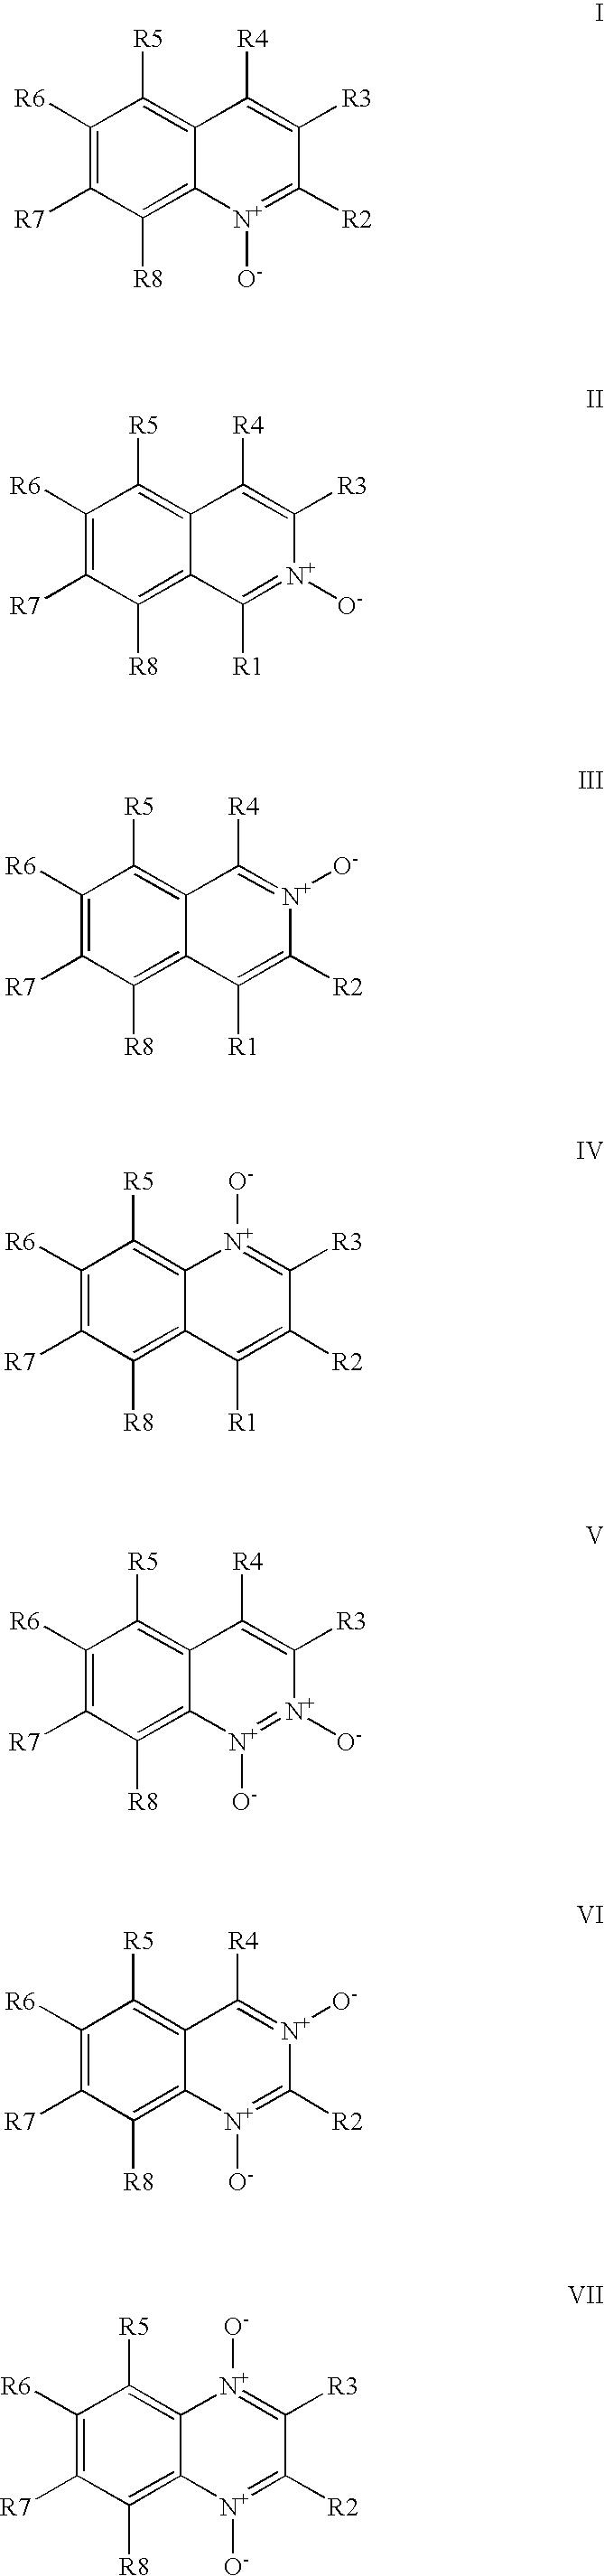 Figure US07288123-20071030-C00054